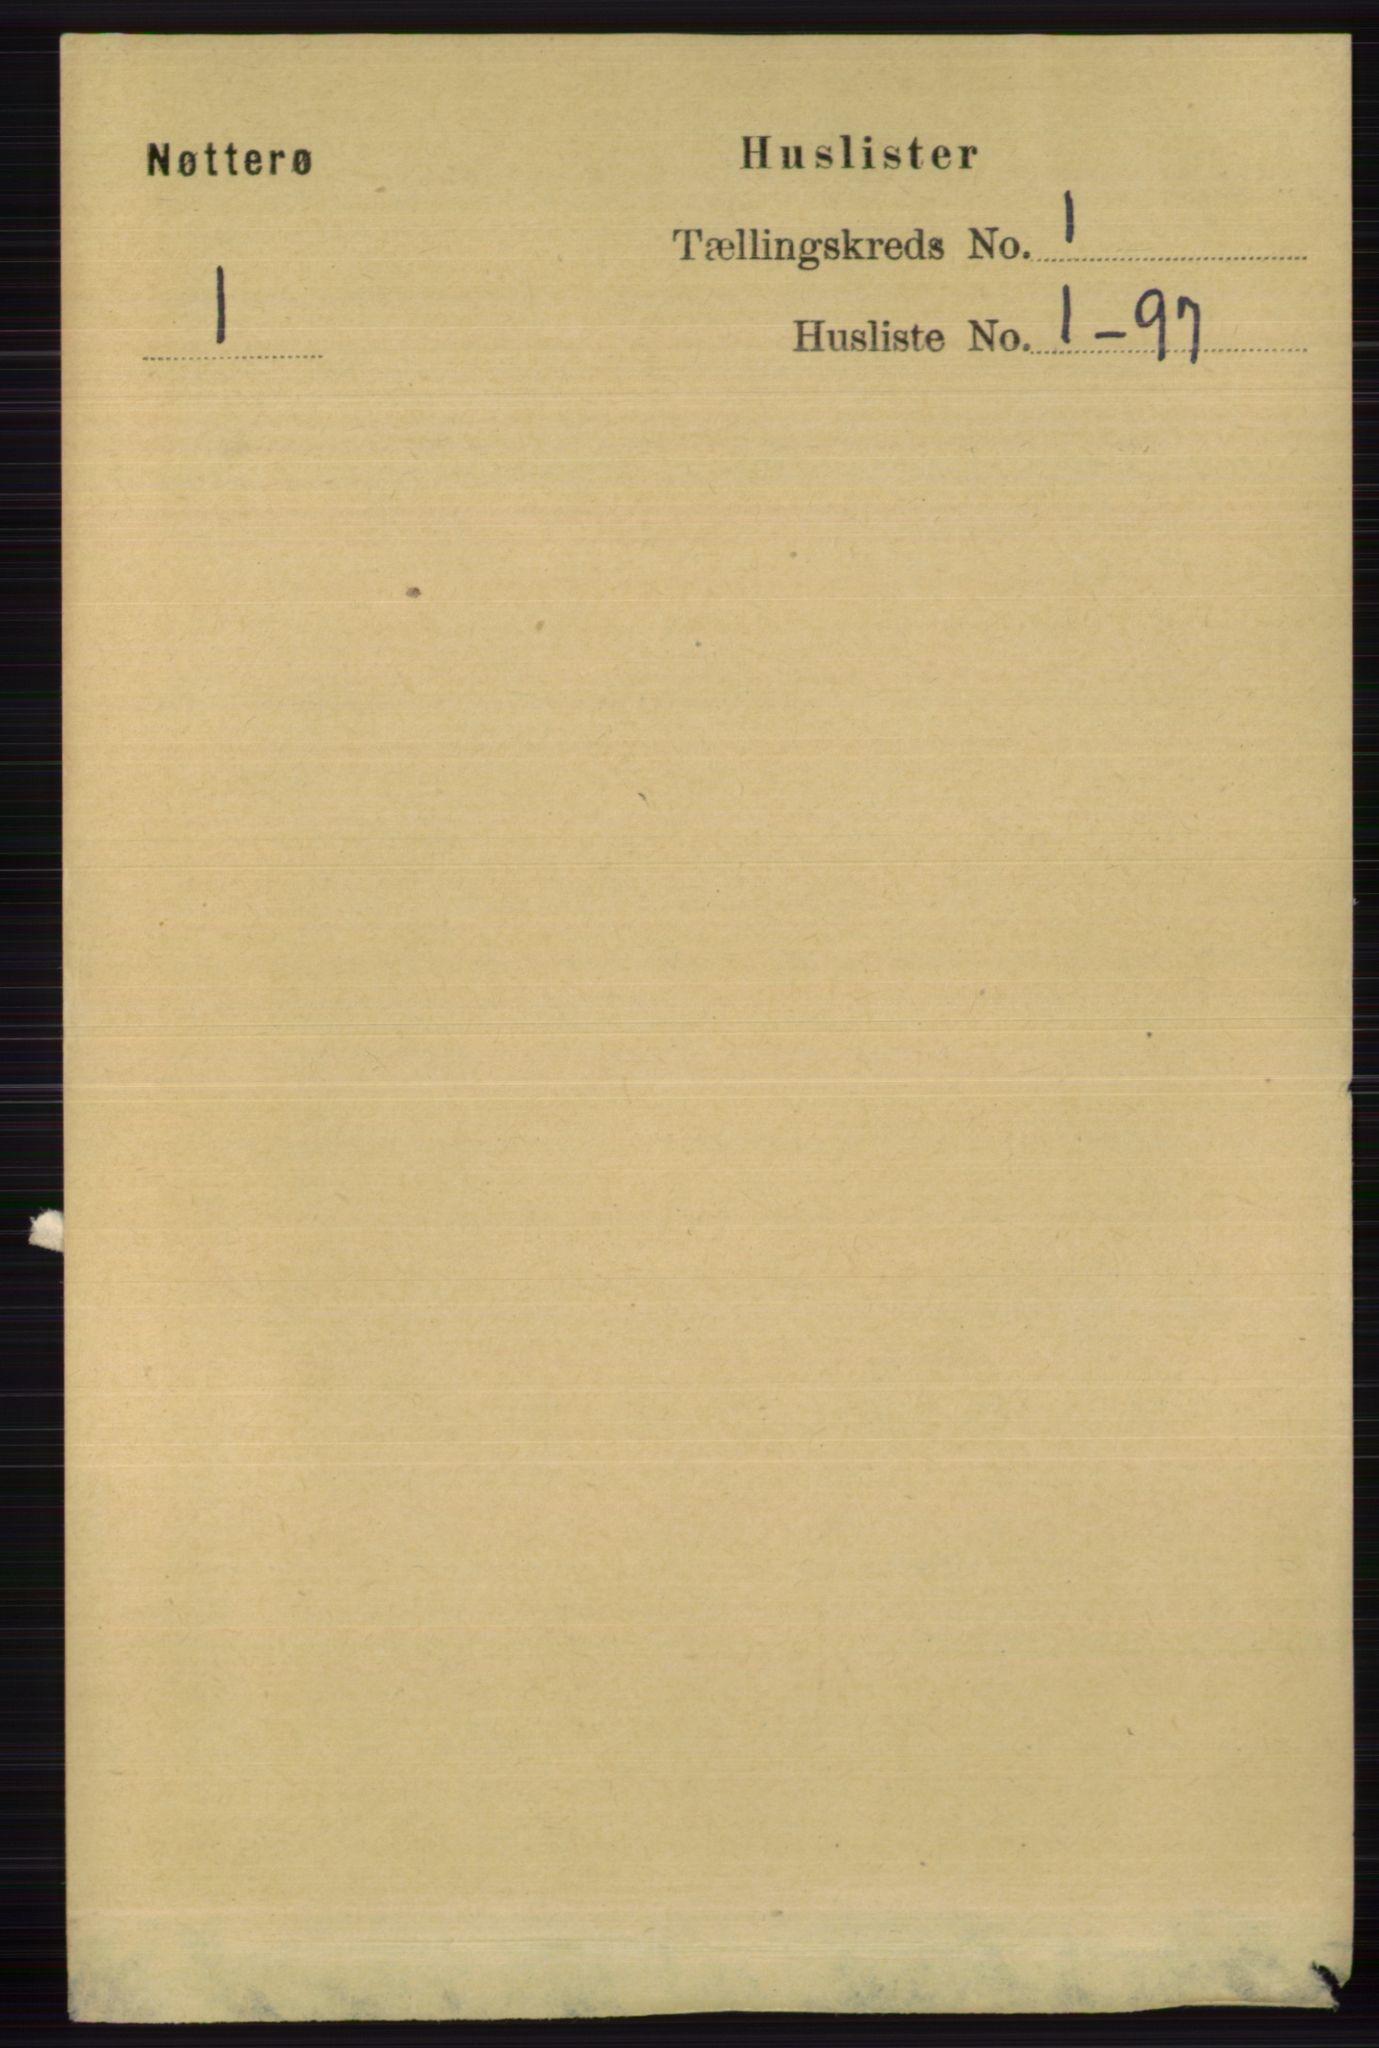 RA, Folketelling 1891 for 0722 Nøtterøy herred, 1891, s. 33